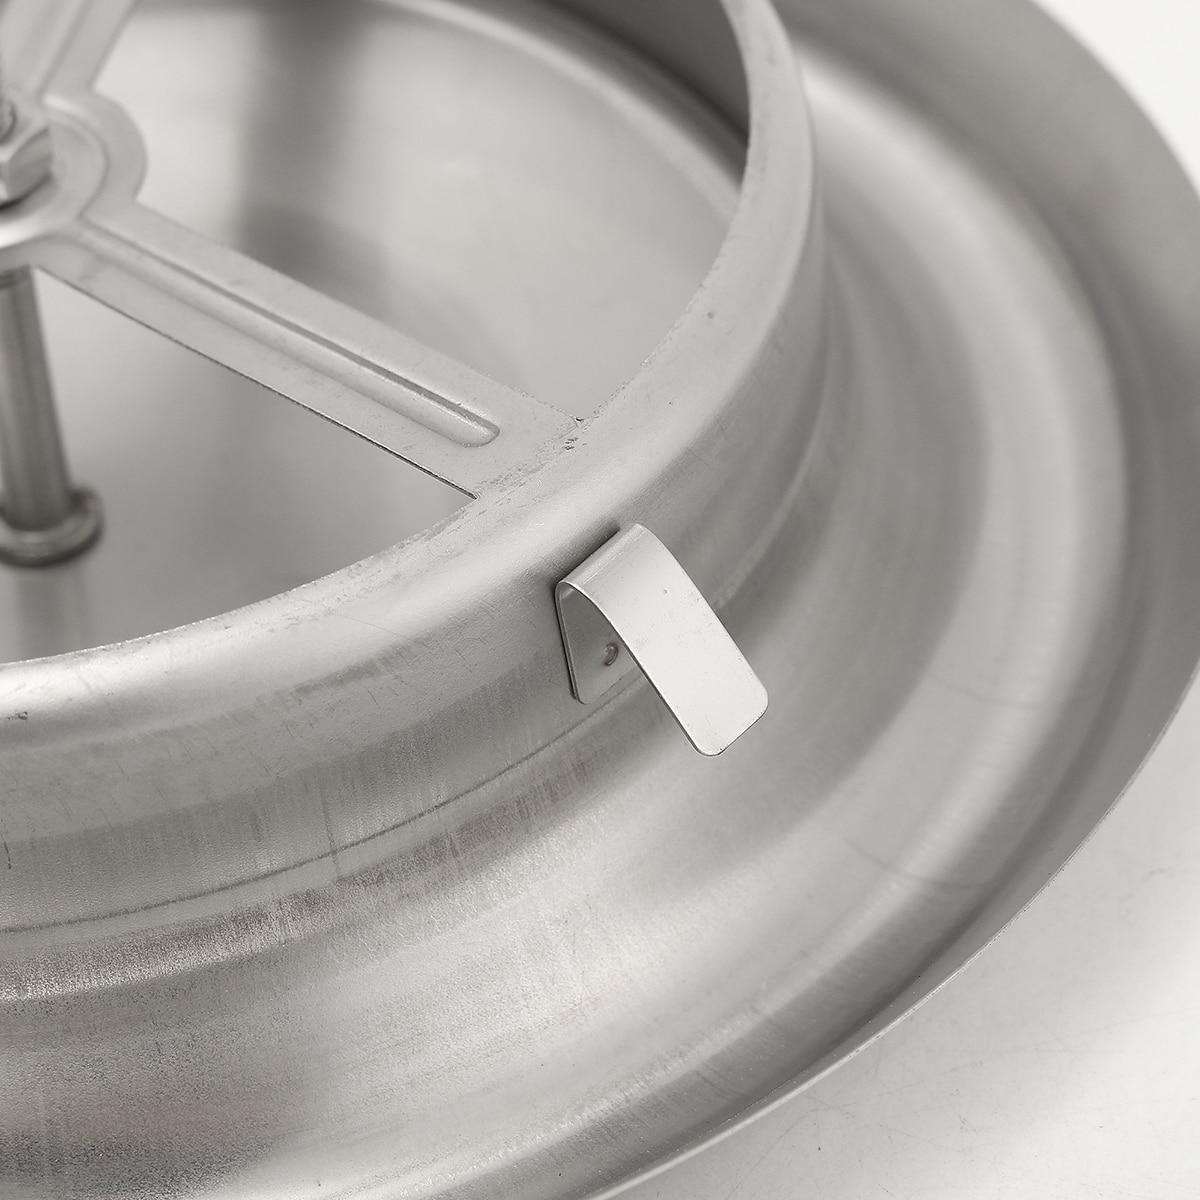 Rejilla de ventilaci/ón de techo toma de entrada de la parrilla ajustable ronda ventilador 4 de di/ámetro 100 mm